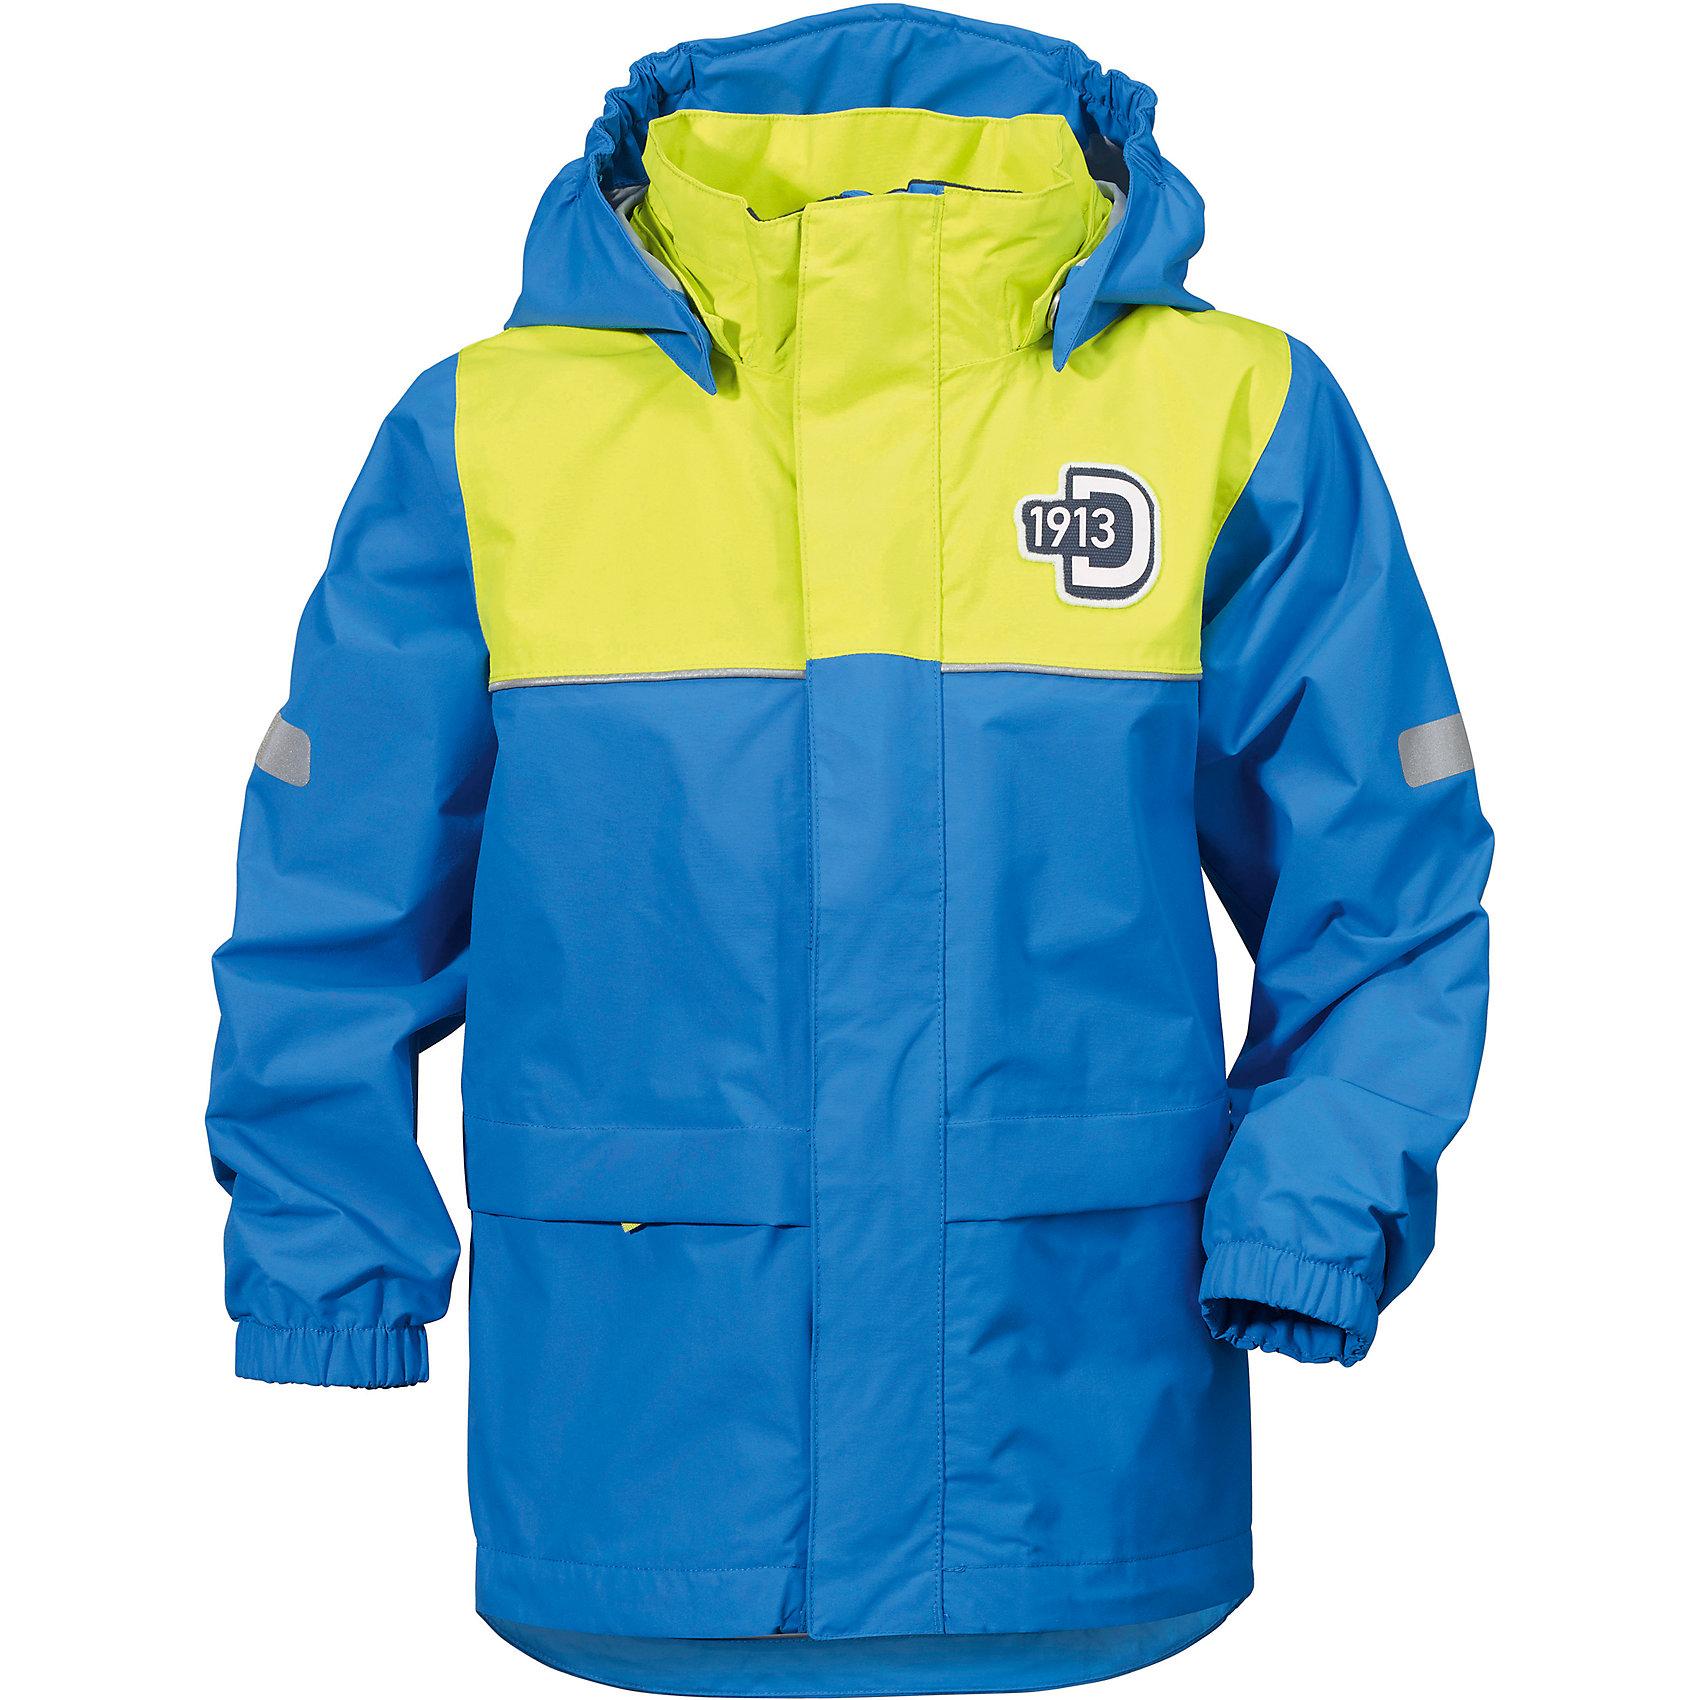 Куртка JEZERI для мальчика DIDRIKSONSВерхняя одежда<br>Куртка из непромокаемой и непродуваемой мембранной ткани. Все швы проклеены, что обеспечивает максимальную защиту от внешней влаги. Подкладка из полиэстера. Съемный регулируемый капюшон. Рукава -  на резинке. Светоотражатели. Модель растет вместе с ребенком: уникальный крой изделия позволяет при необходимости увеличить длину рукавов на один размер, распустив специальный внутренний шов. Практичная демисезонная куртка - идеальный вариант для прогулок на свежем воздухе в весеннюю или осеннюю пору. <br>Состав:<br>Верх - 100% полиэстер, подкладка - 100% полиэстер<br><br>Ширина мм: 356<br>Глубина мм: 10<br>Высота мм: 245<br>Вес г: 519<br>Цвет: голубой<br>Возраст от месяцев: 96<br>Возраст до месяцев: 108<br>Пол: Мужской<br>Возраст: Детский<br>Размер: 130,140,80,110<br>SKU: 5527229